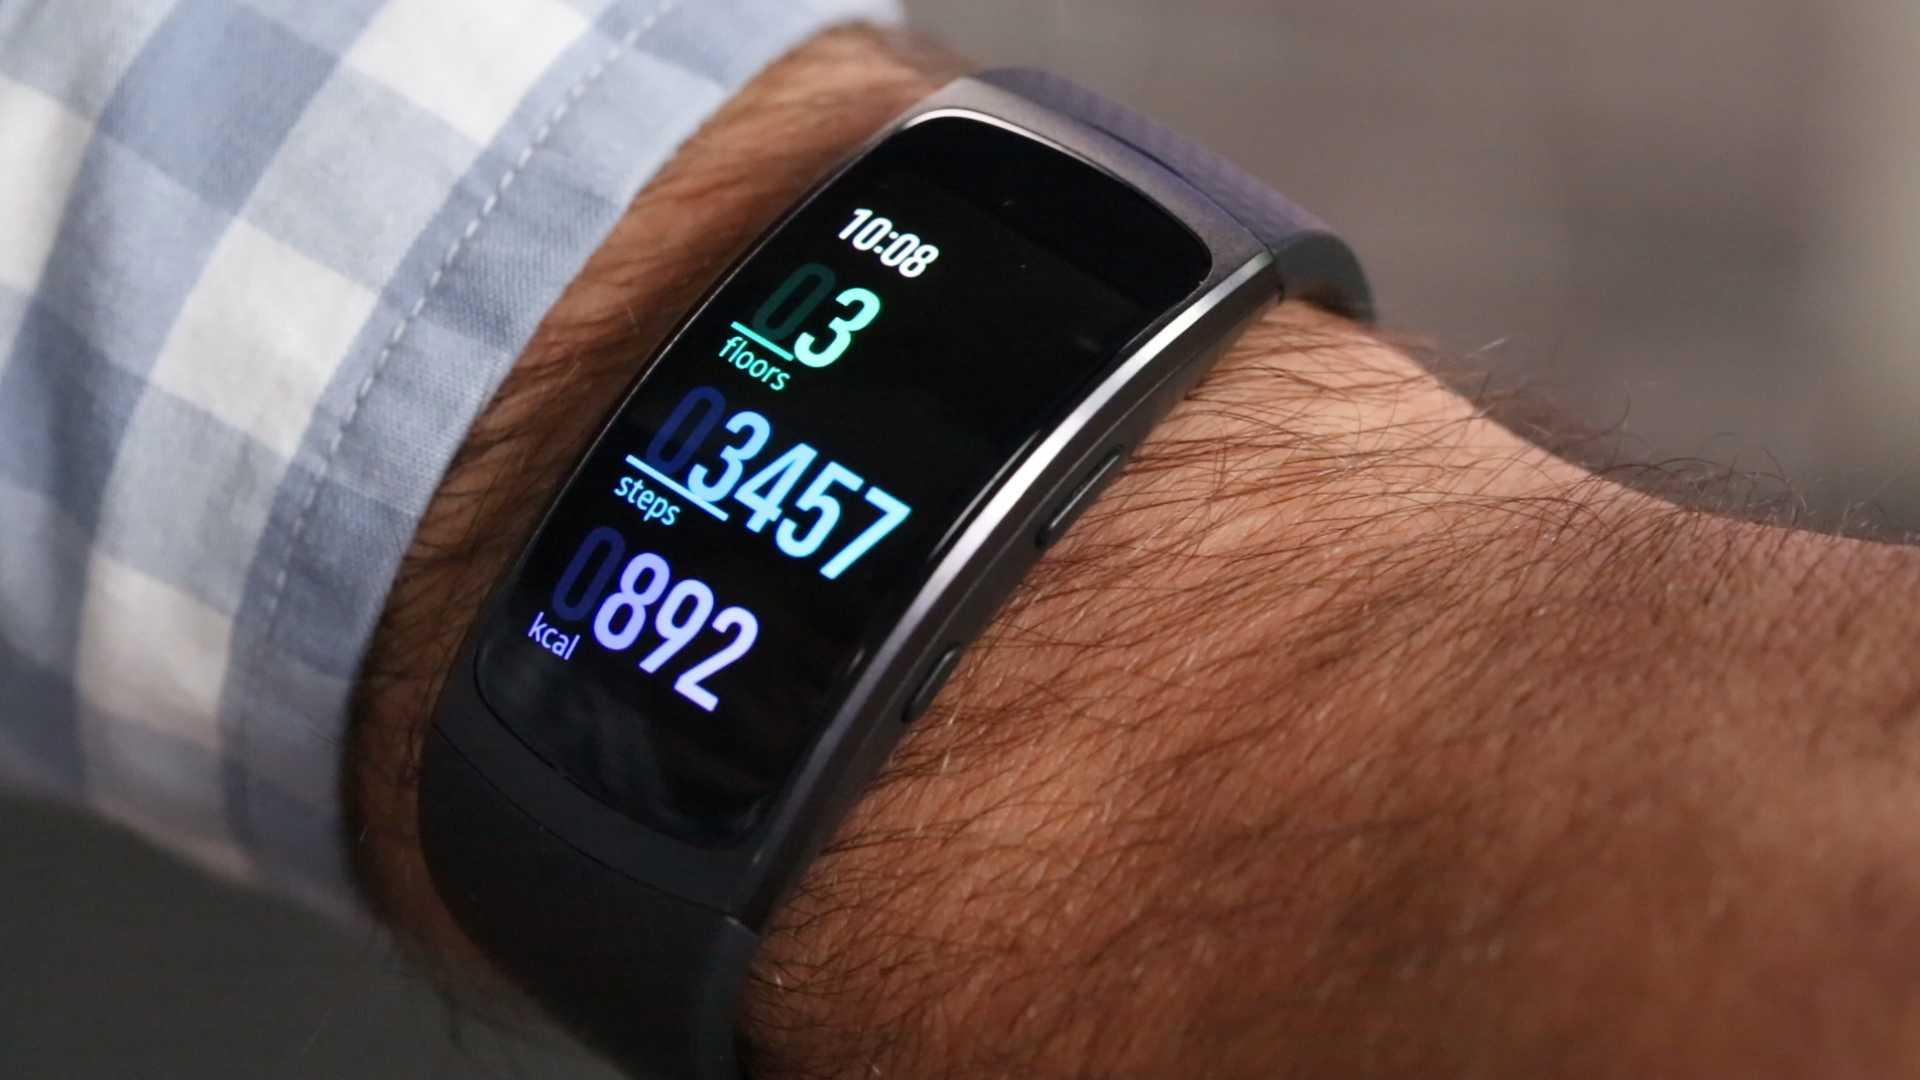 Состоялась презентация нового смарт-браслета серии Galaxy Fit 2 от компании Samsung Как и ожидалось продукт получил отличную автономию Емкости хватает на 2 недели